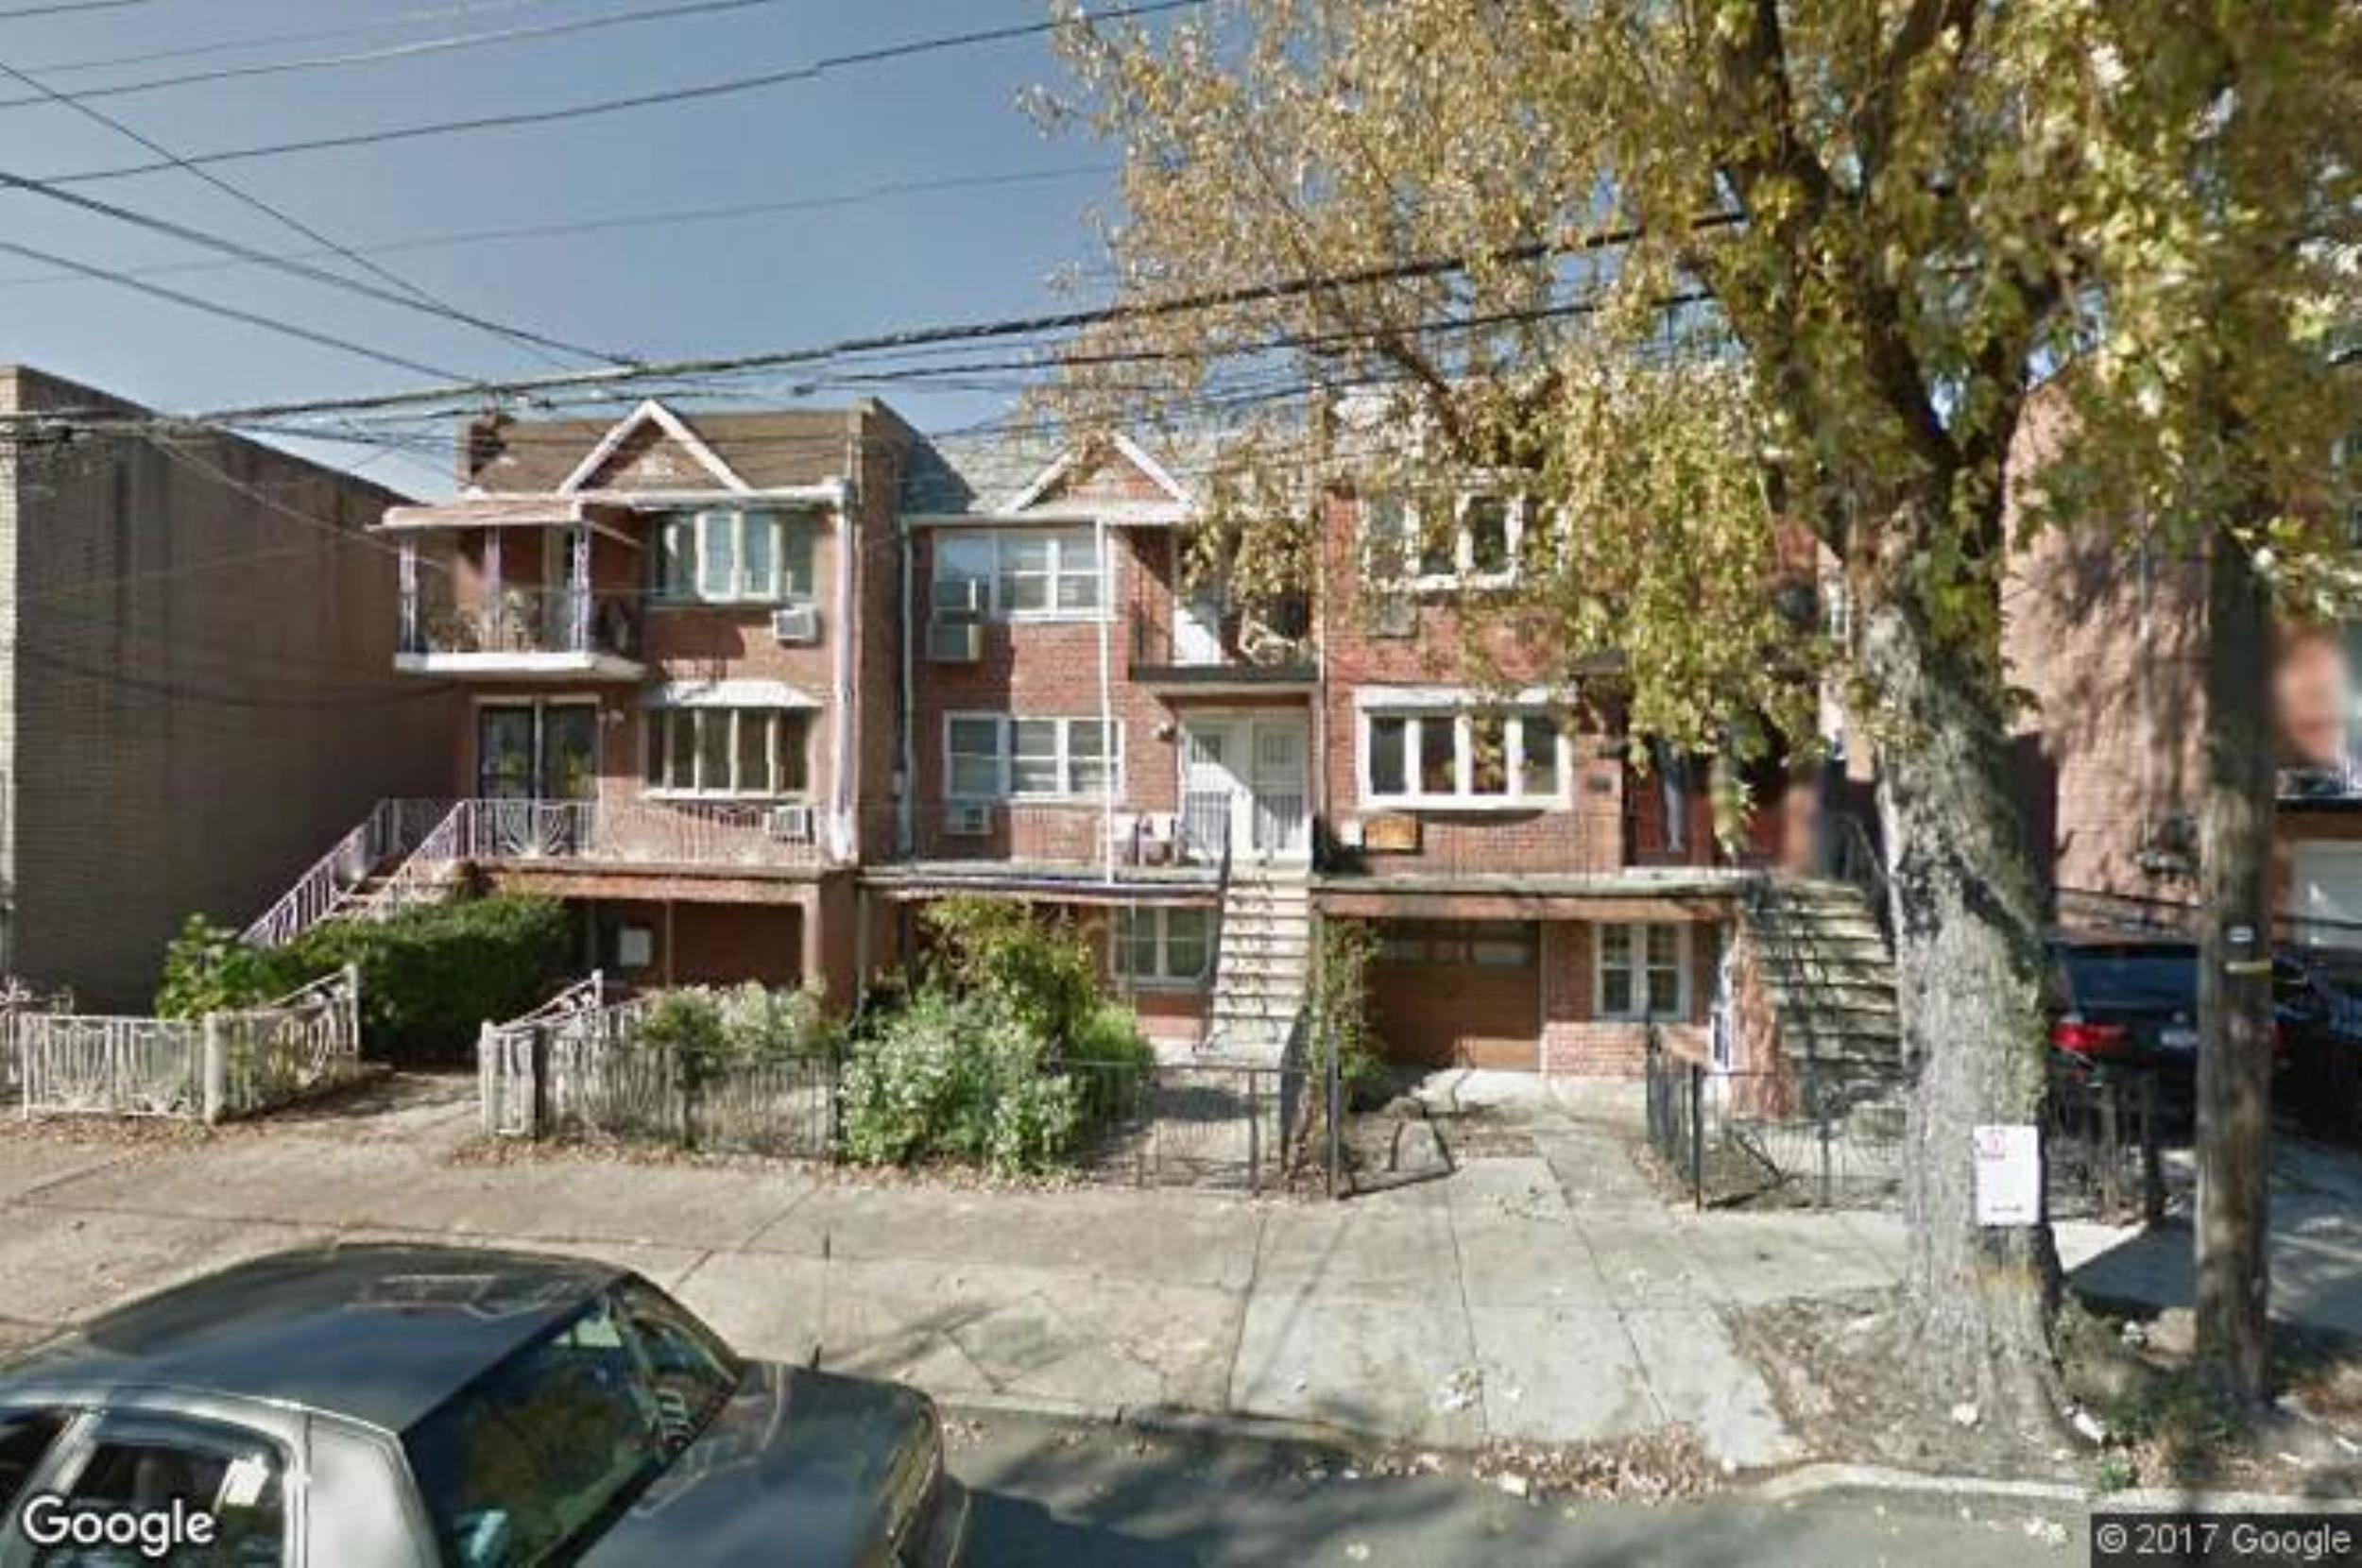 multi family homes in canarsie brooklyn, canarsie brooklyn real estate